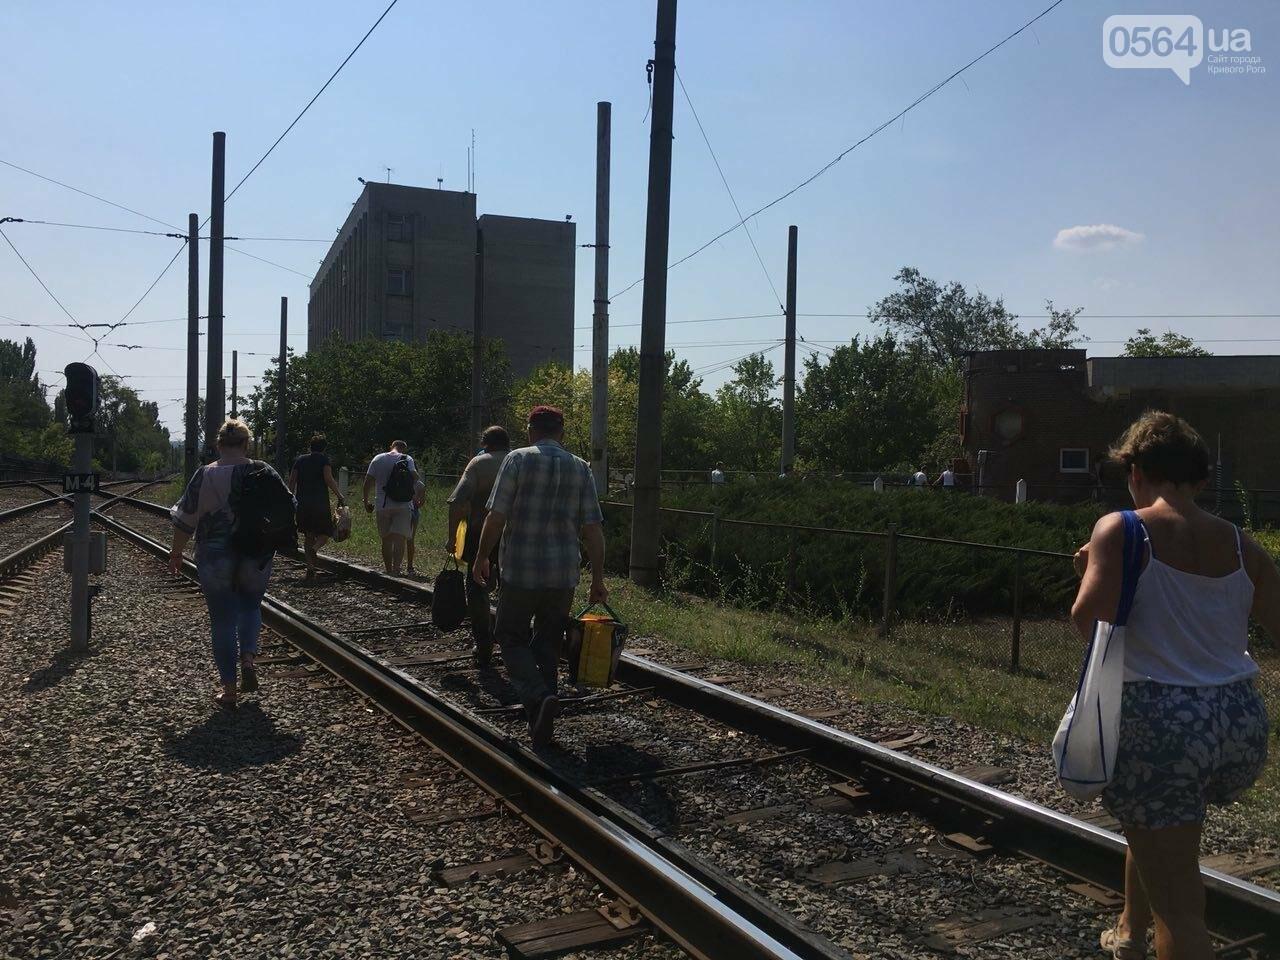 Из-за поломки скоростного трамвая, криворожане шли до ближайшей станции по рельсам, - ФОТО , фото-3